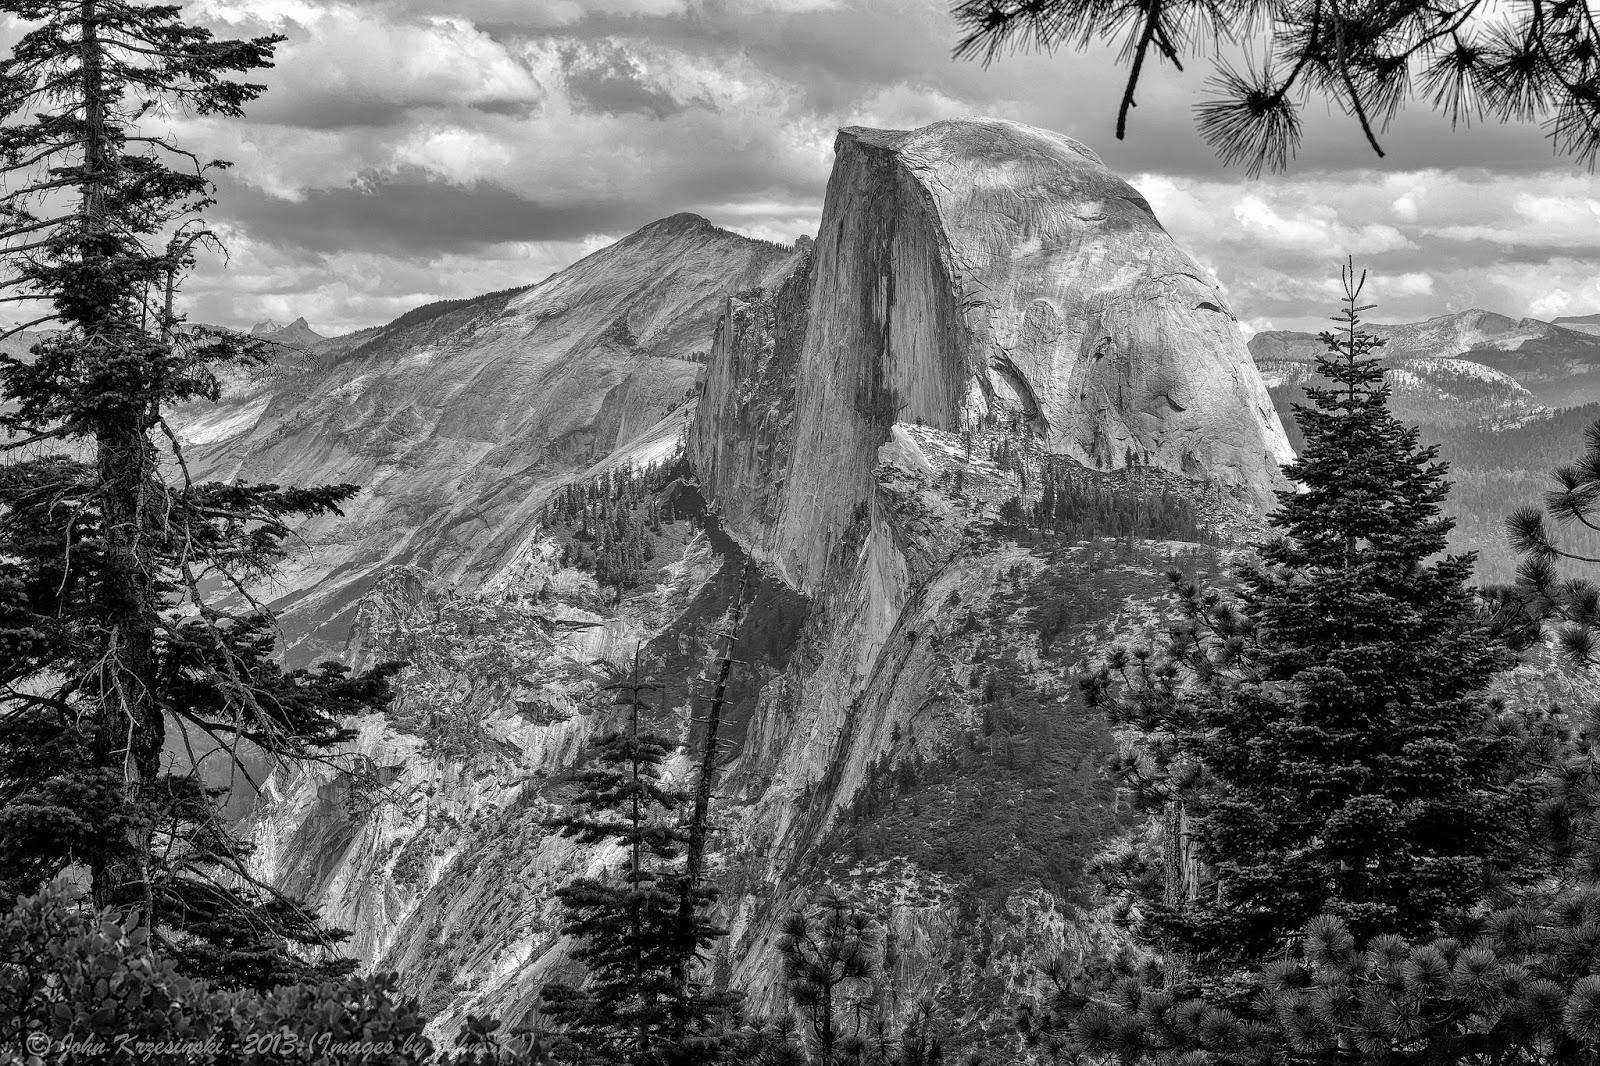 Fotografa de paisaje en Blanco y Negro  EL PAISAJE PERFECTO